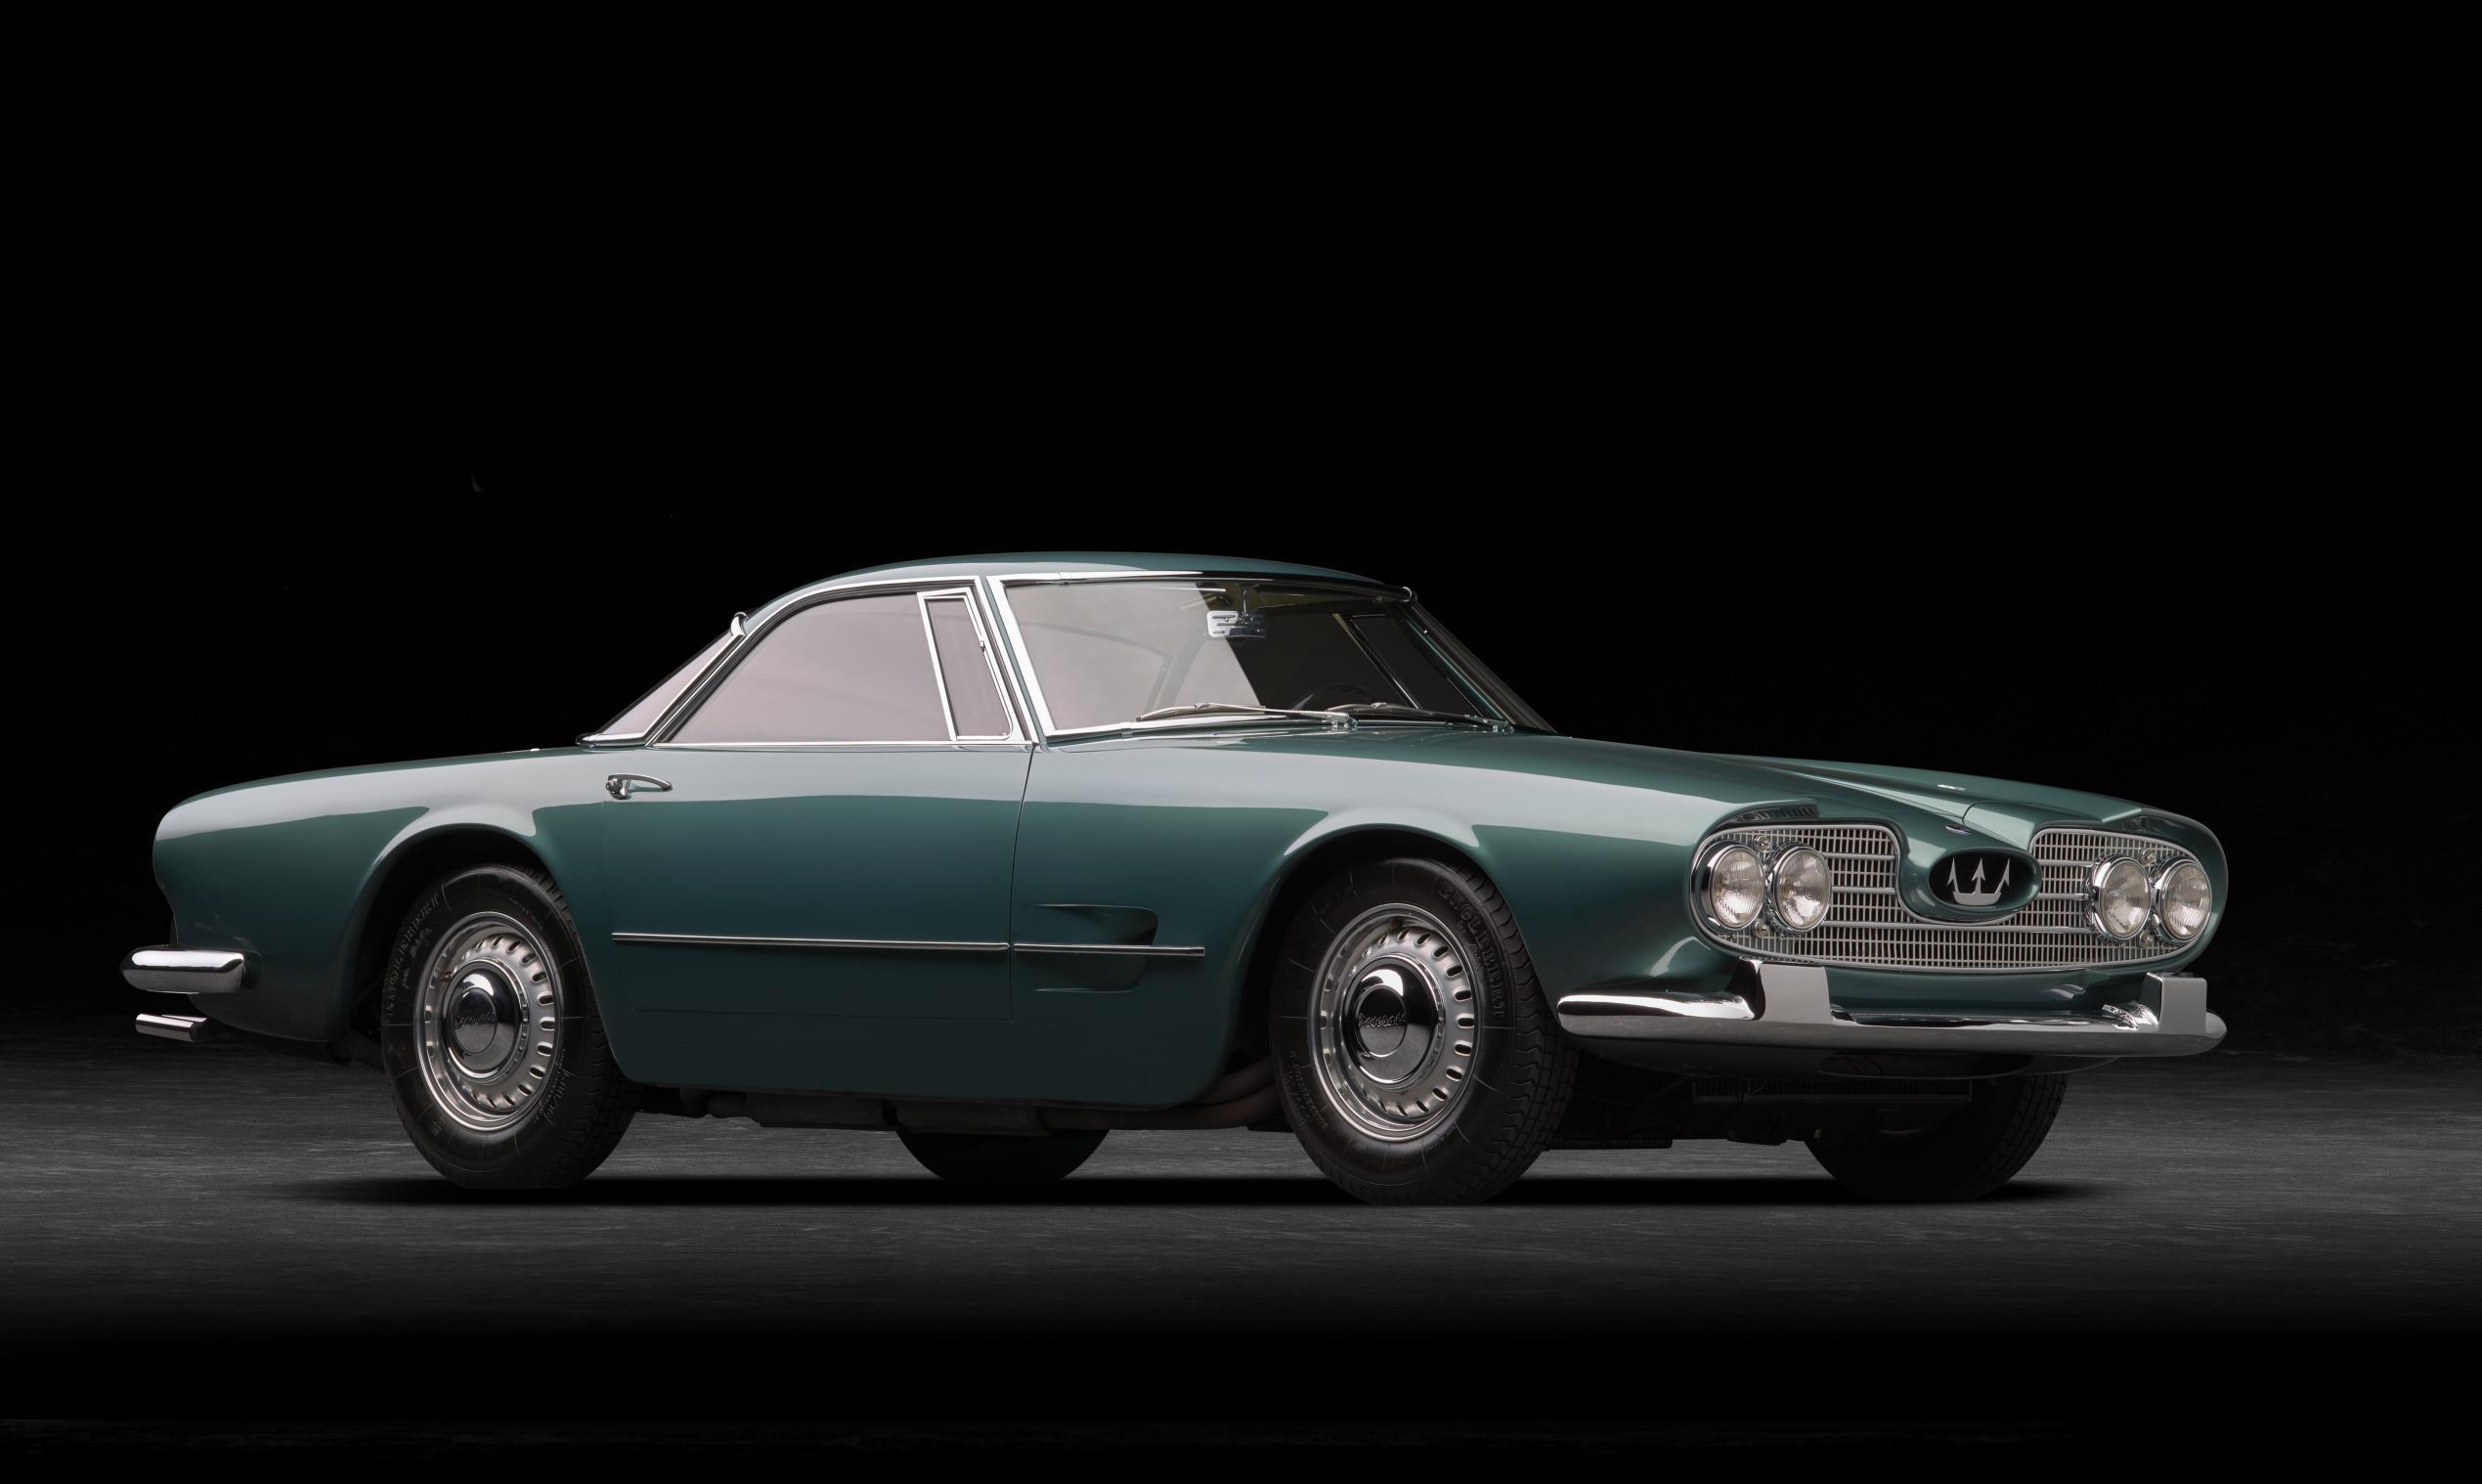 O cupê de dois lugares da Maserati tem capô e traseira compridos